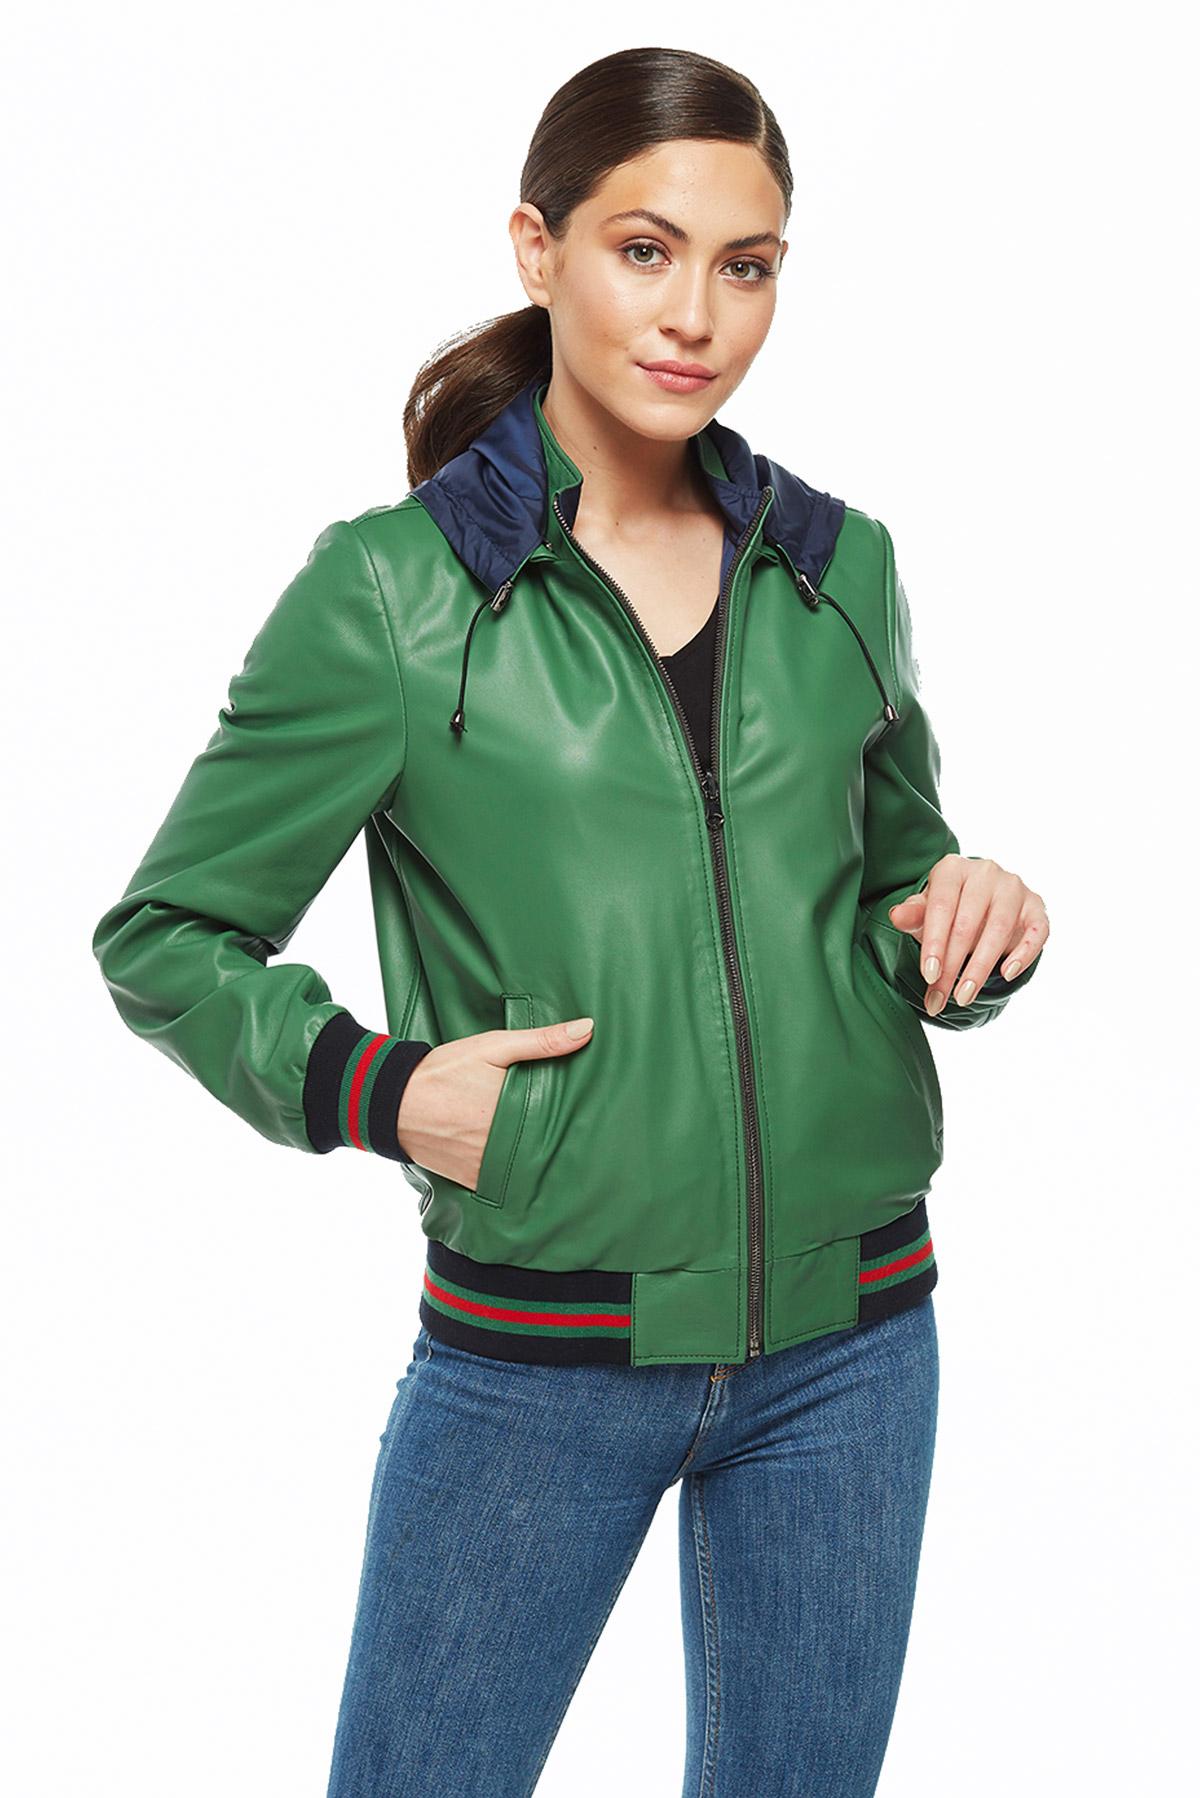 best biker leather jacket for sale